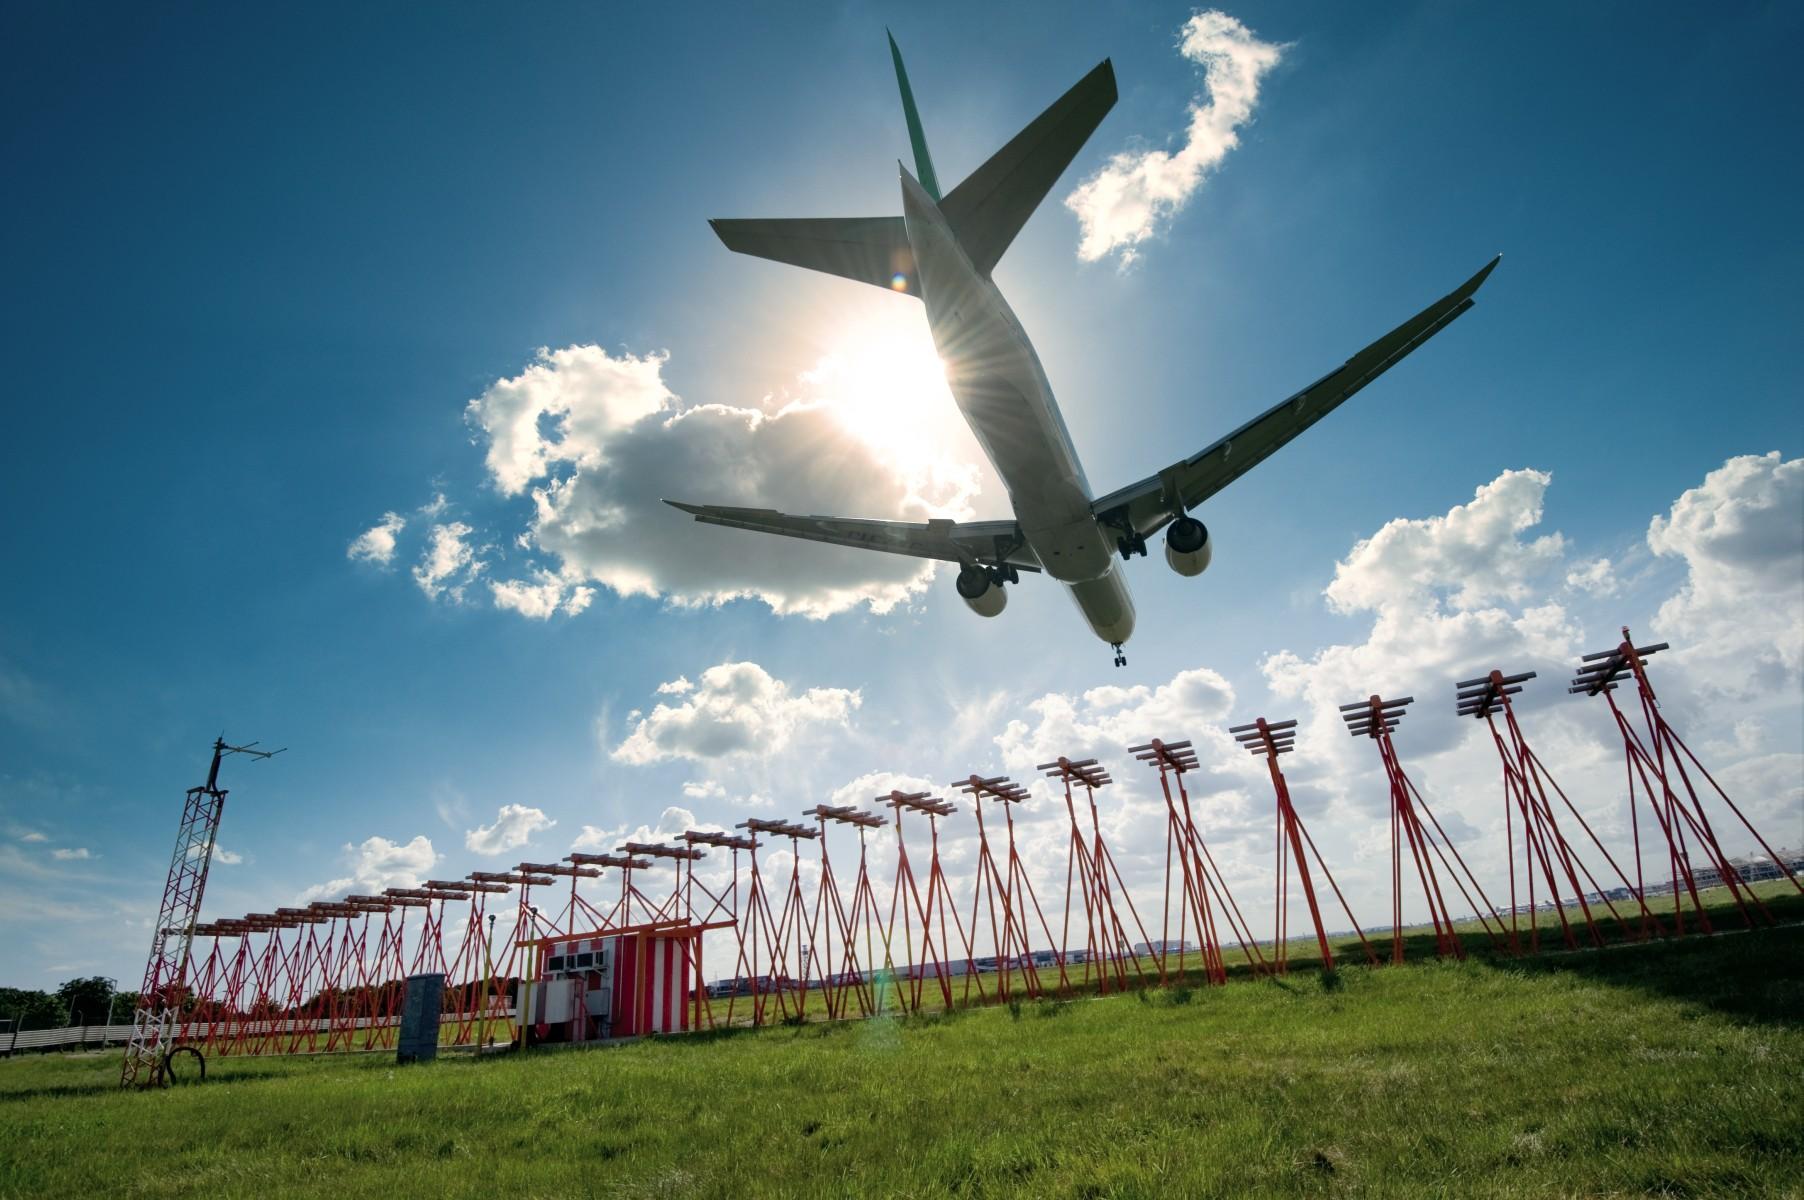 Londres-Heathrow perd toujours 5,76 millions d'euros par jour © DR Heathrow